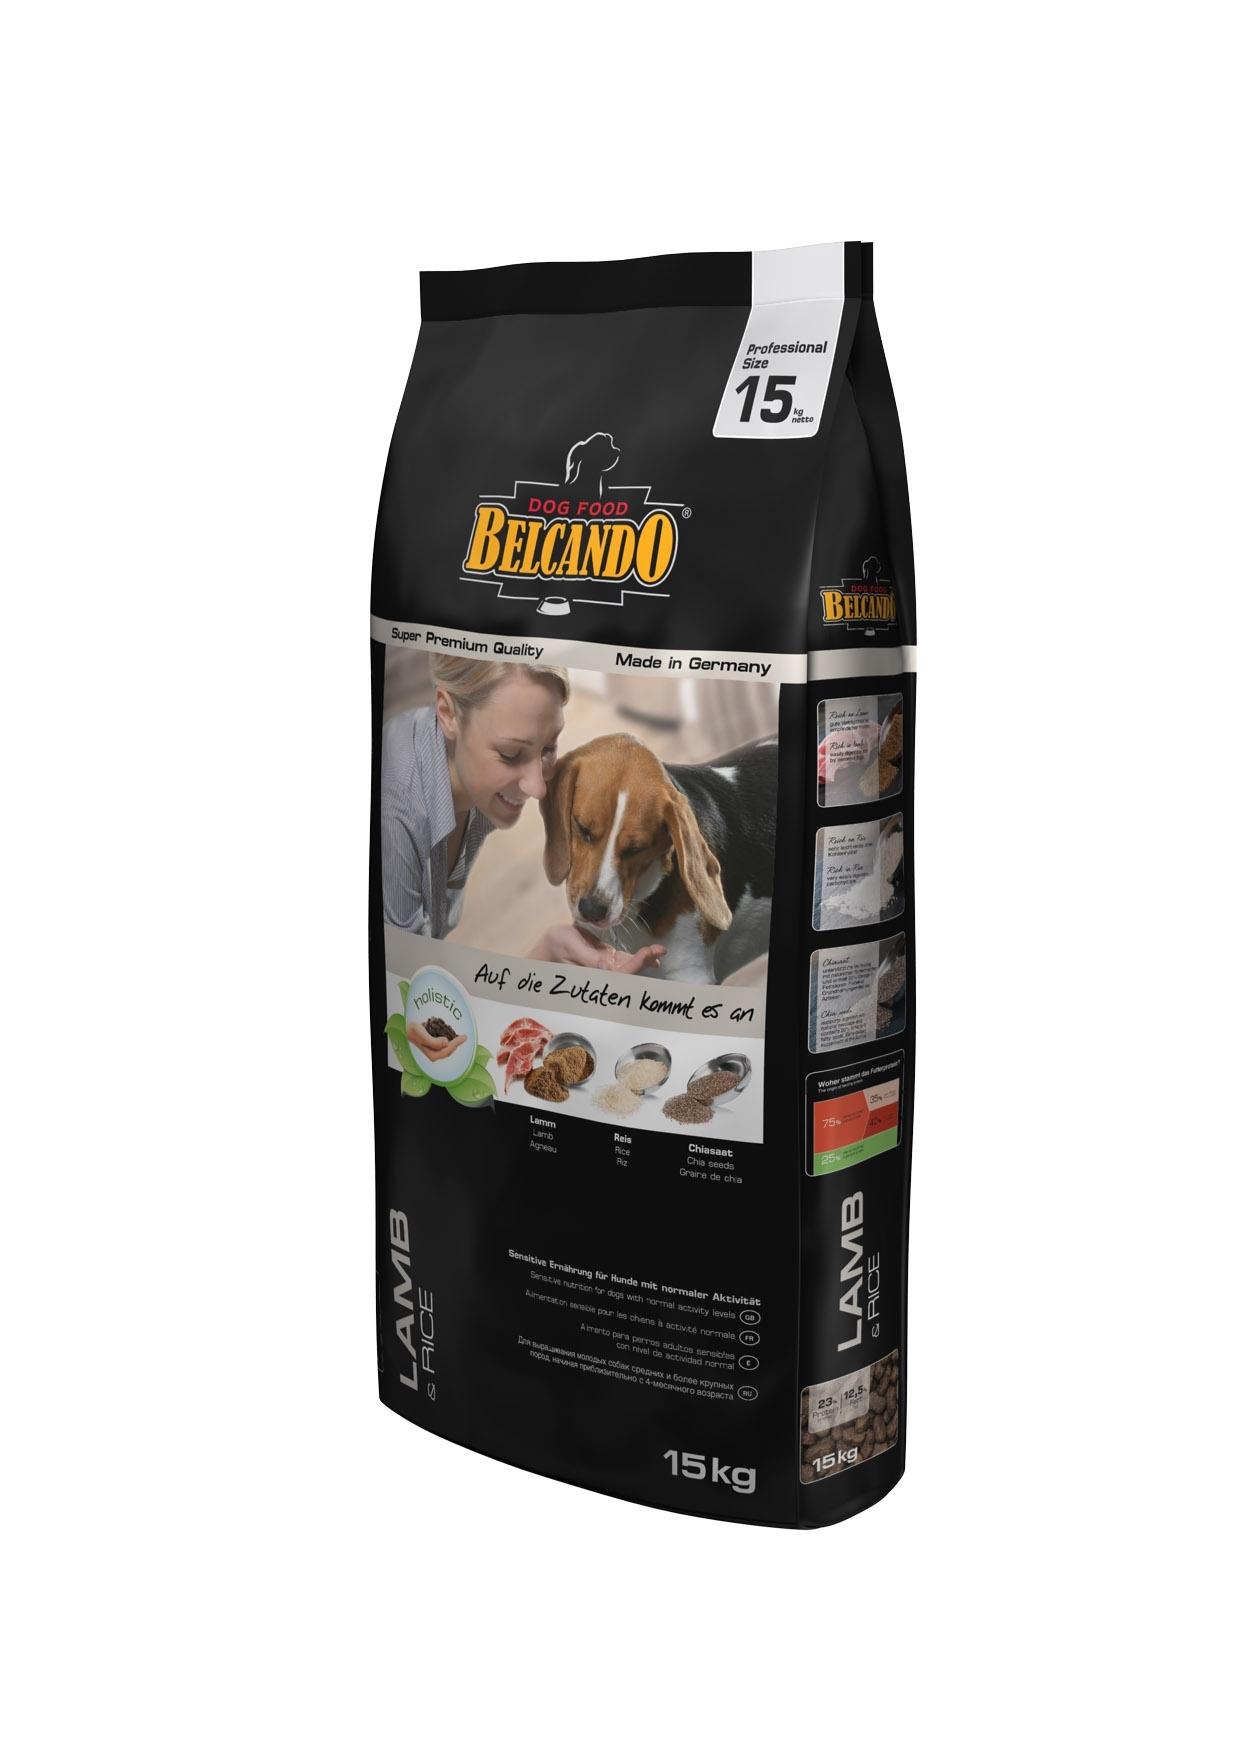 Корм сухой Belcando Lamb Rice, гипоаллергенный, для взрослых собак с нормальной активностью, на основе ягненка, 15 кг26087Особая формула корма Belcando Lamb Rice ориентирована на собак, которые страдают пищевыми расстройствами, а так же индивидуальной непереносимостью таких популярных мясных ингредиентов, как говядина и мясо цыпленка. Ягненок и рис - лучшая основа для гипоаллергенного корма, которая позволяет избежать непереносимости у чувствительных животных, но при этом получить все необходимые питательные вещества, витамины и микроэлементы.Состав: рис (40 %); сухое мясо ягненка (15 %); сухое мясо птицы пониженной зольности (12,5 %); овес; жир домашней птицы; рафинированное растительное масло; вытяжка из виноградной косточки; пивные дрожжи; семена чии (1,5 %); овсяные хлопья; льняное семя; гидролизат печени птицы; поваренная соль; калий хлористый; травы (всего 0,2 %: листья крапивы, корень горечавки, золототысячник, ромашка, фенхель, тмин, омела, тысячелестник, листья ежевики); экстракт юкки.Питательные добавки: Витамин А: 13,000 МЕ/кг, Витамин Е: 130 мг/кг, Витамин D3: 1,300 МЕ/кг, Кальций: 1,4%, Фосфор: 0,9%.Содержание питательных веществ: Протеин: 23%, Жир: 12,5%, Клетчатка 3,2%, Зола: 6,5%, Влажность: 10%. Товар сертифицирован.